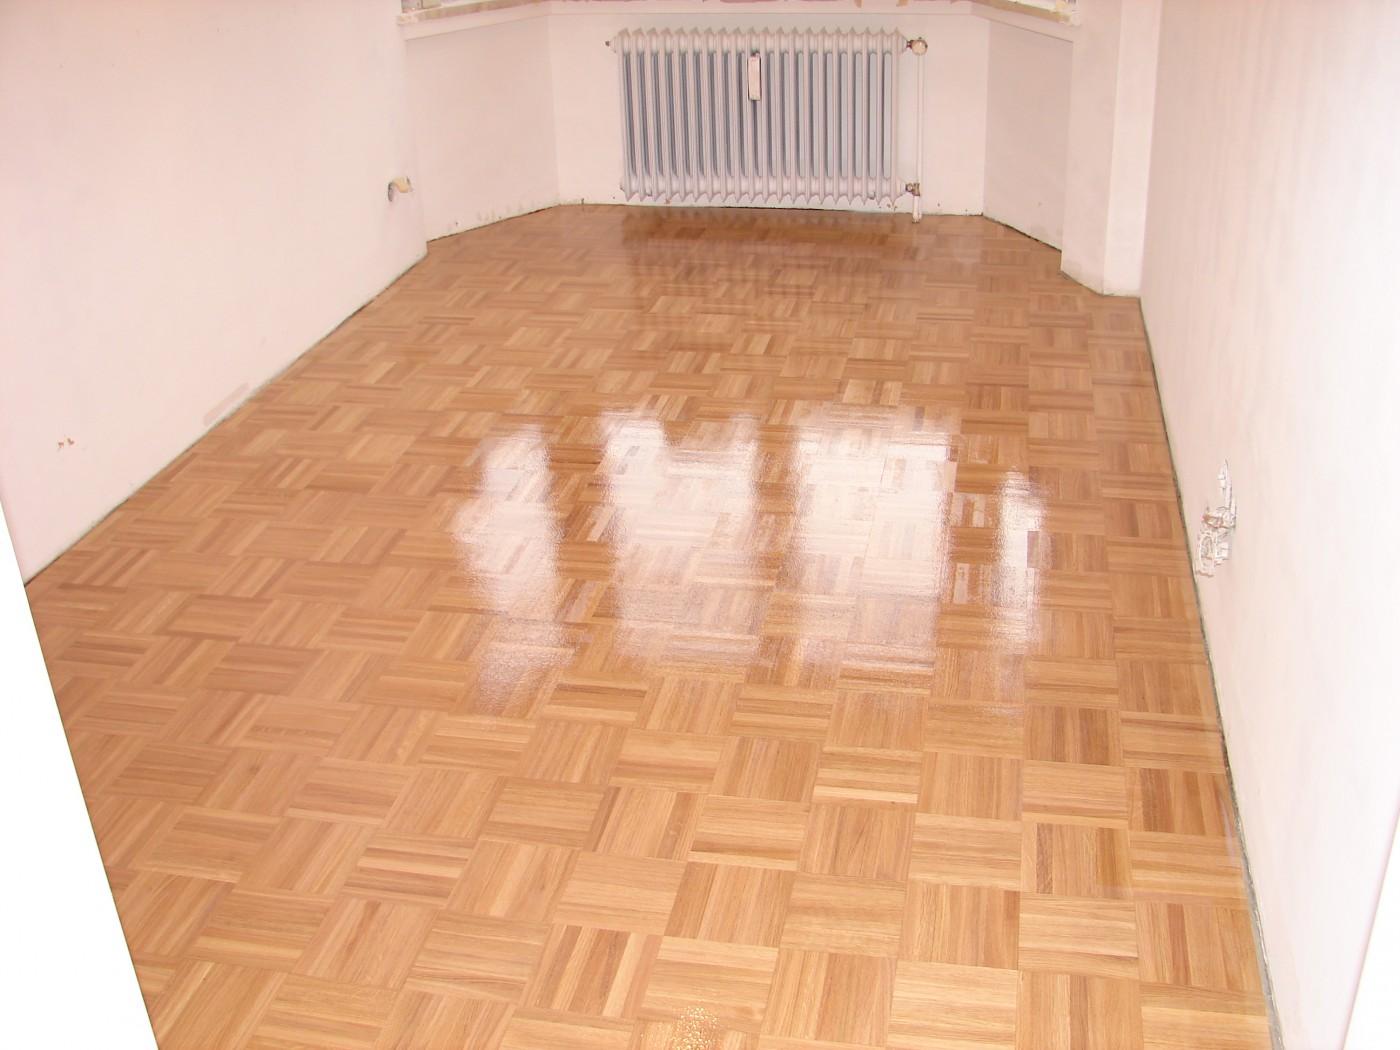 estrich geschliffen und versiegelt silber estrich betonboden versiegeln kosten estrich. Black Bedroom Furniture Sets. Home Design Ideas